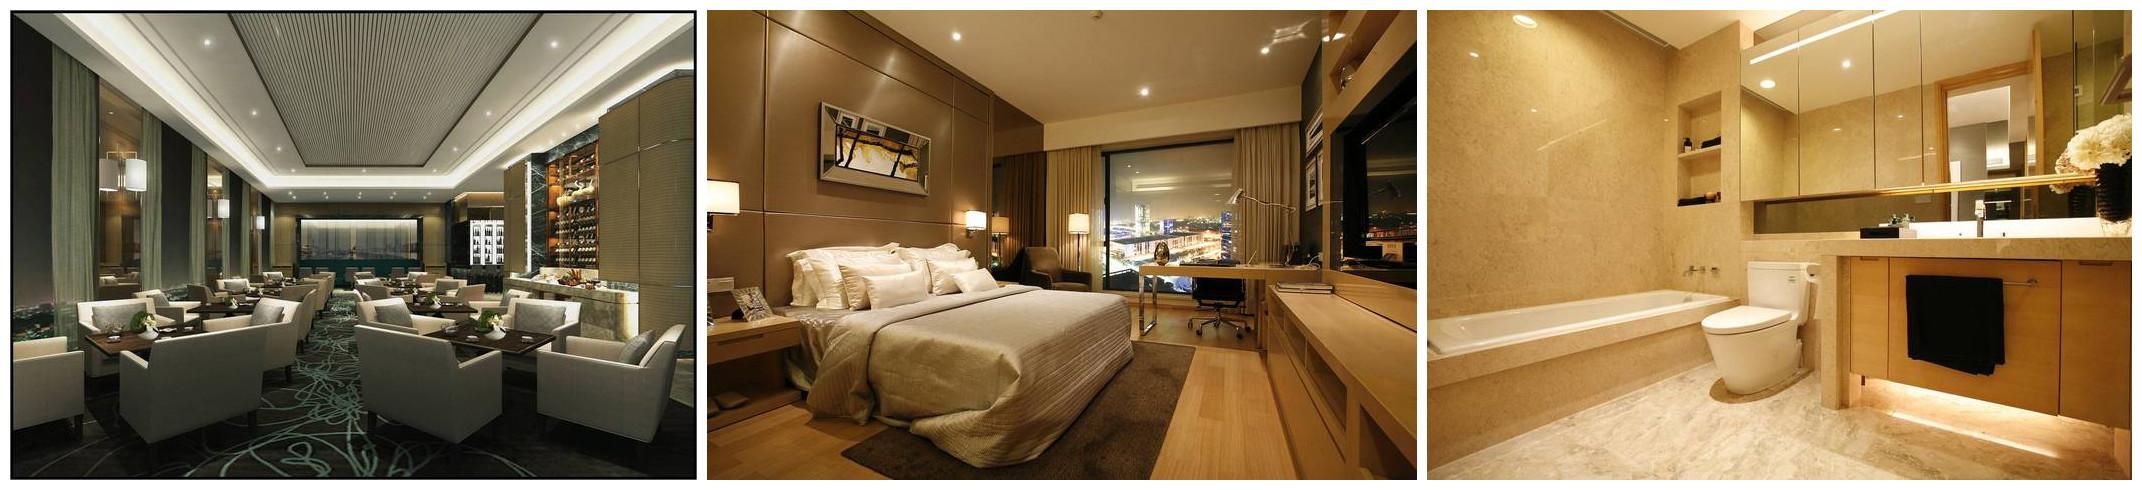 广州保利世界贸易中心D座公寓